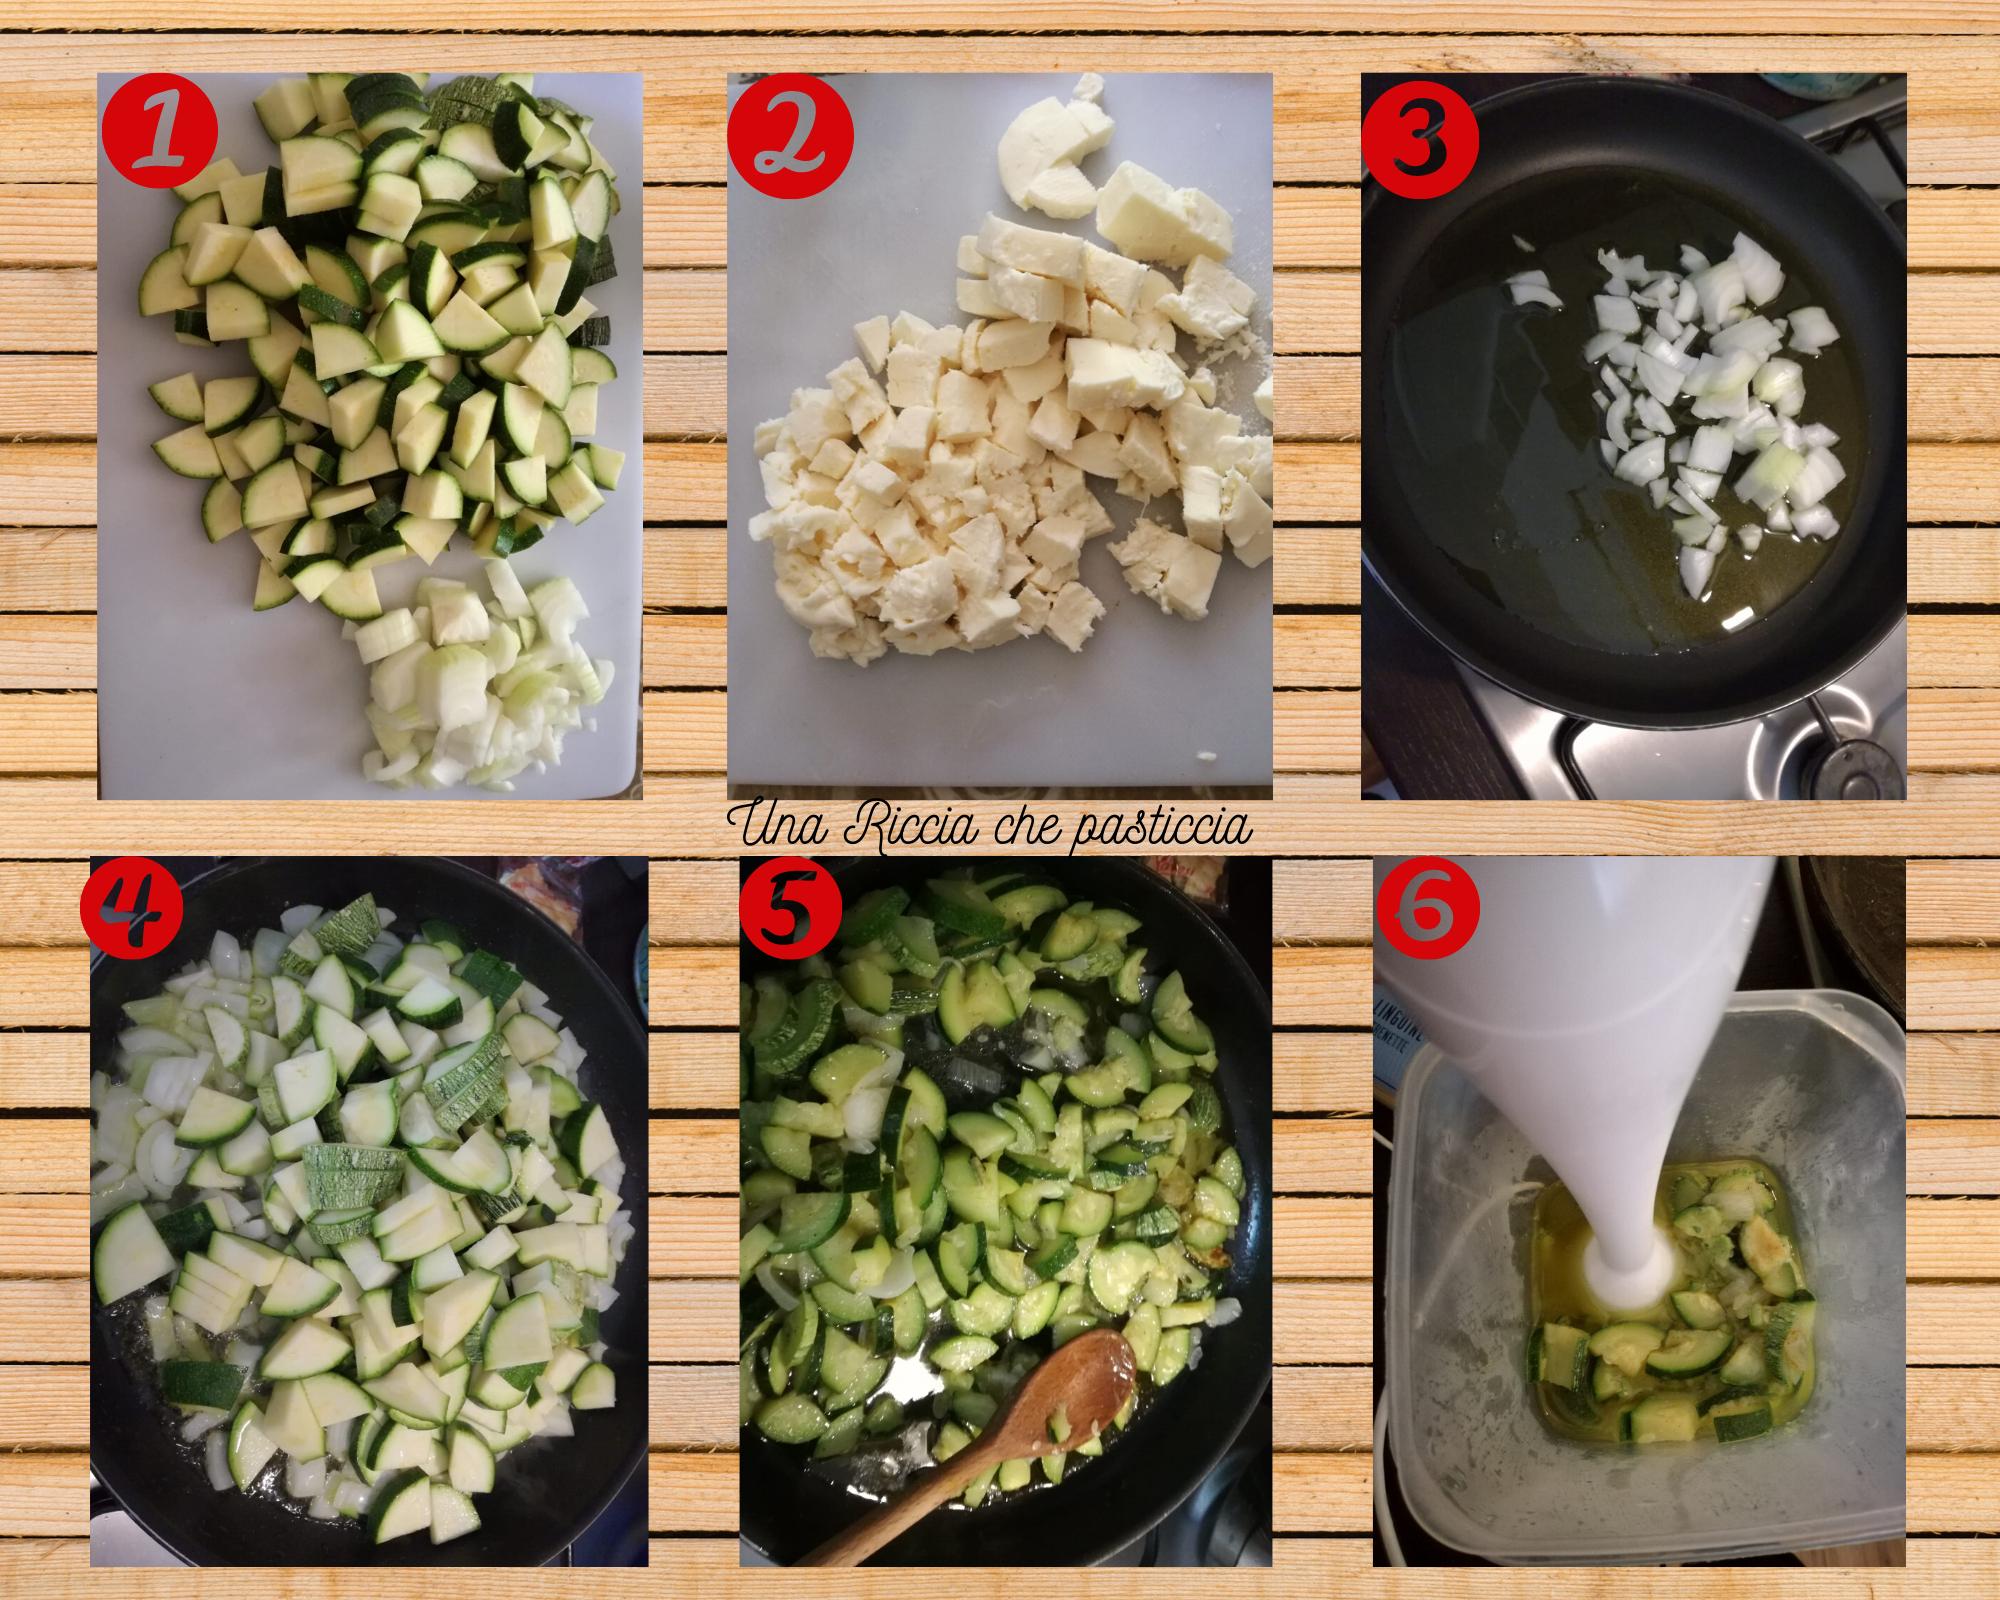 preparazione pasta al forno con zucchine